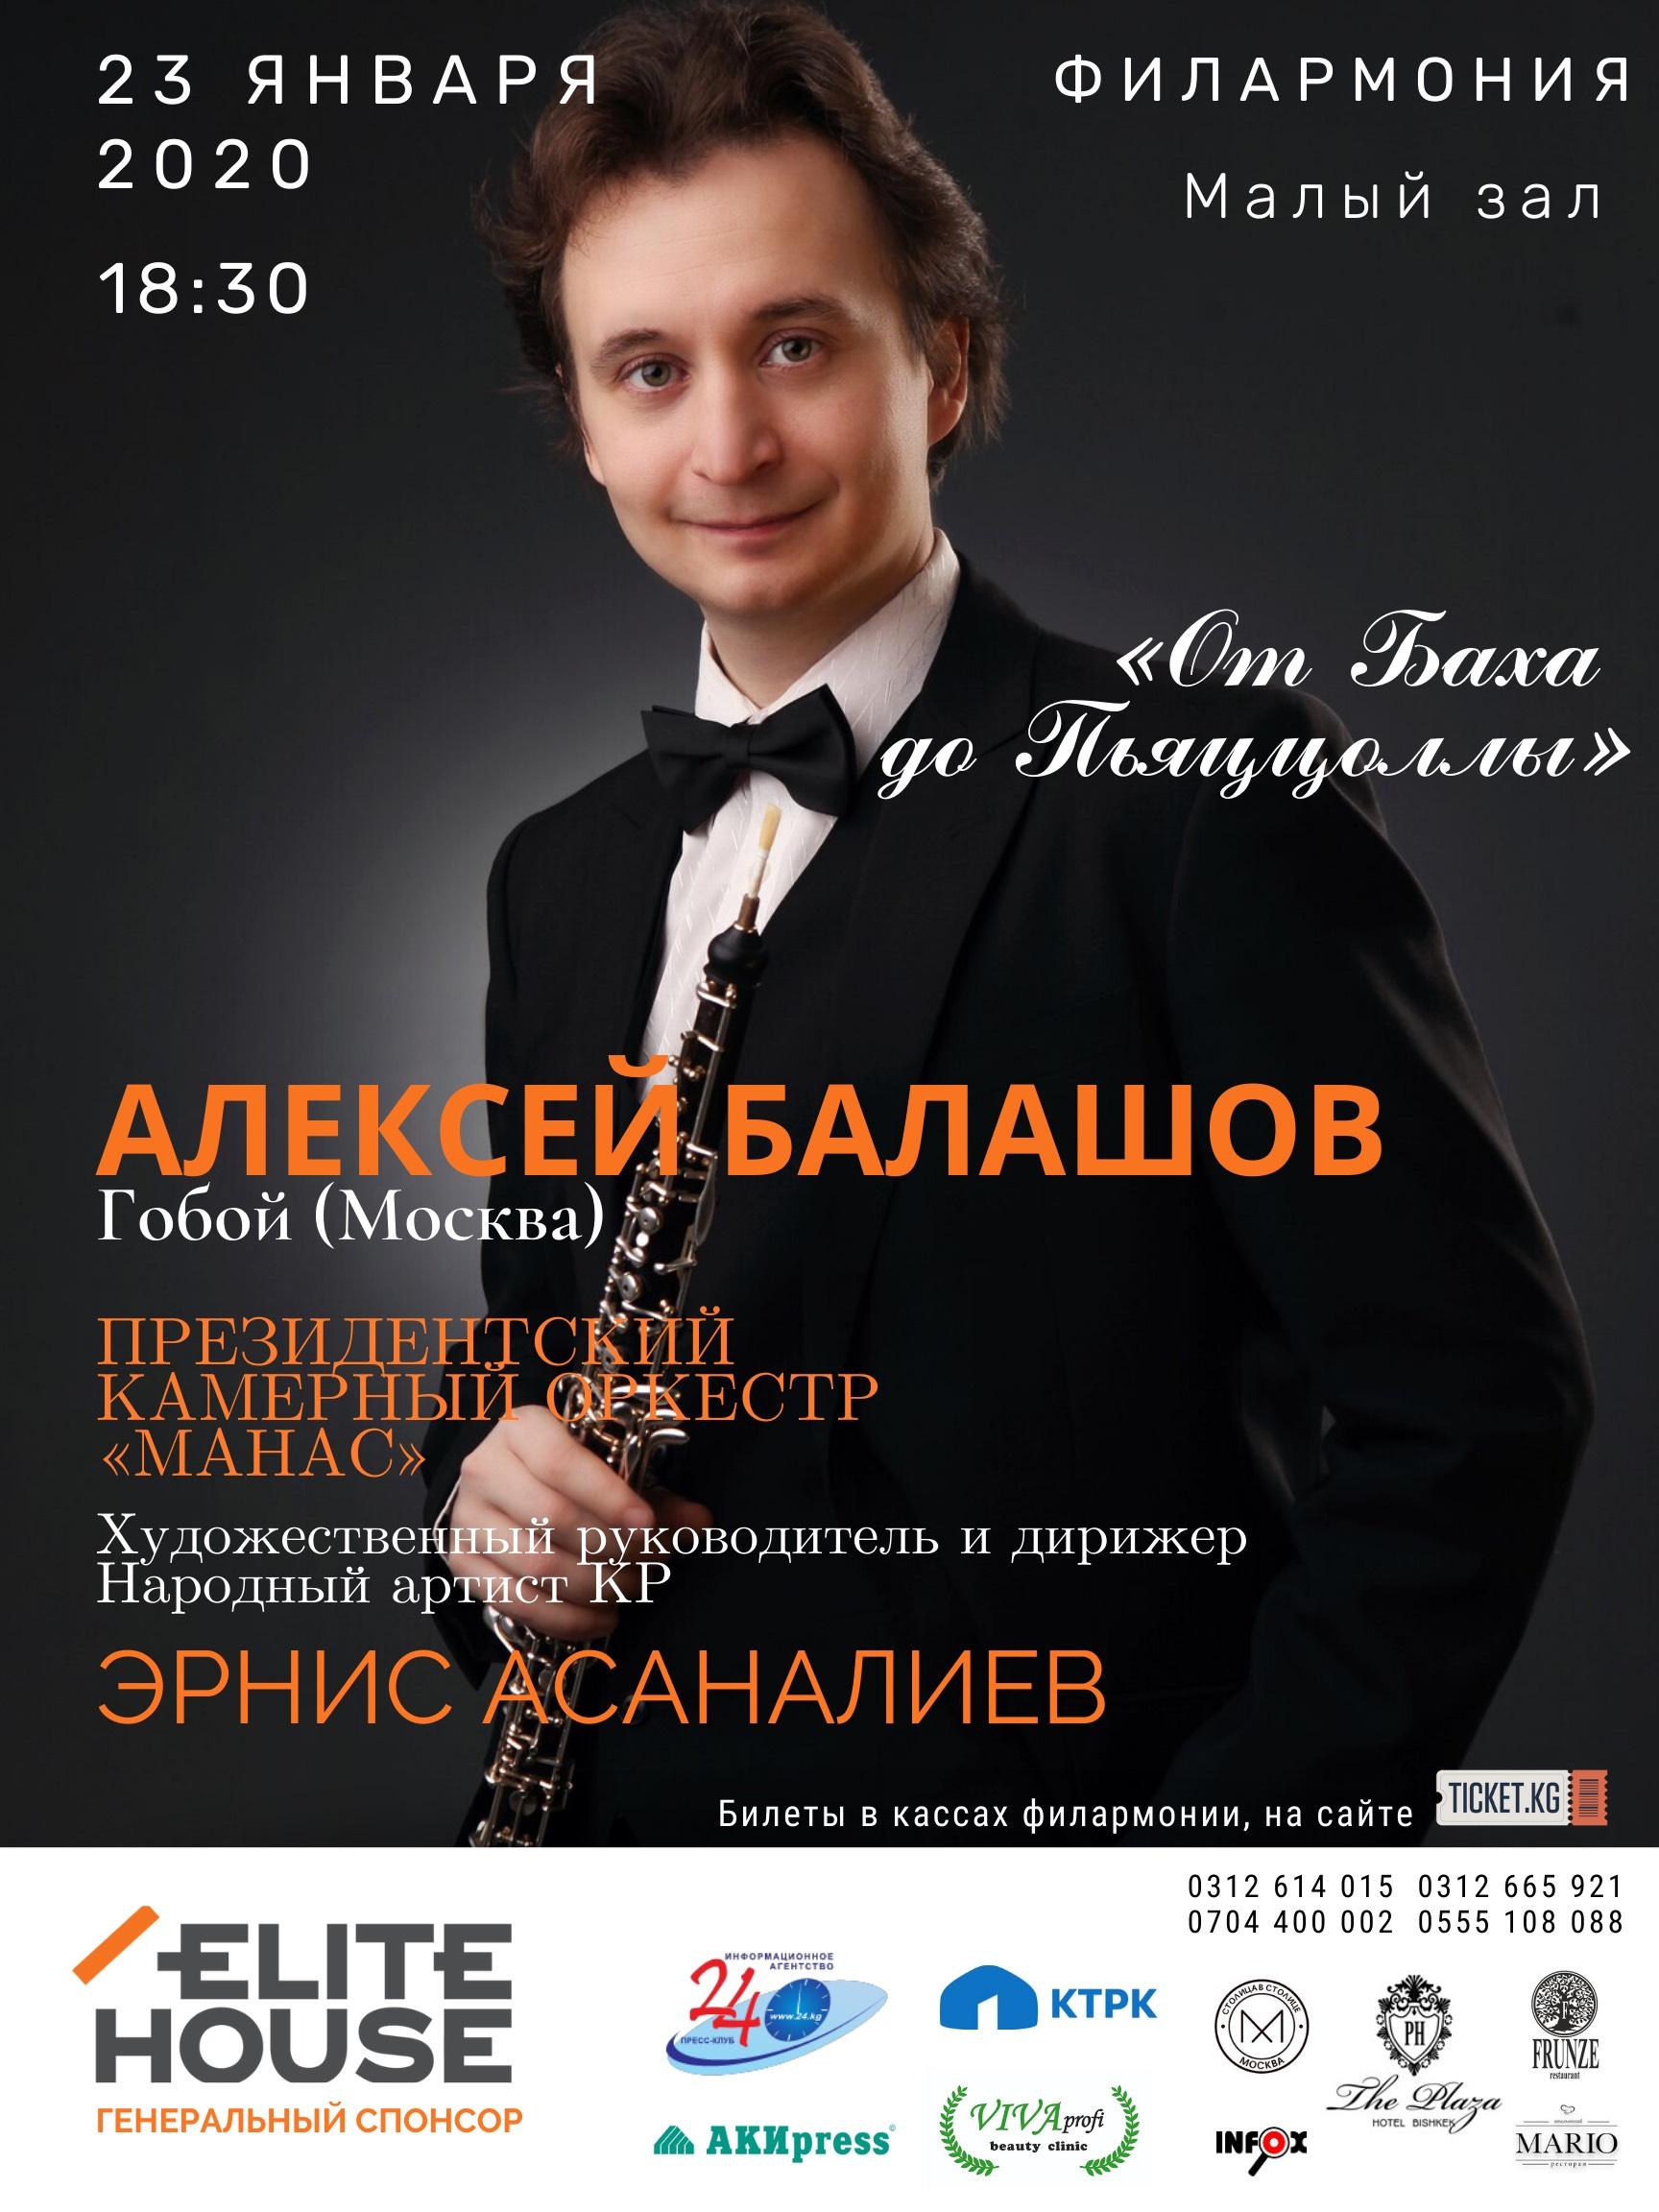 Дорогие друзья! Приглашаем всех на уникальный концерт классической музыки «От Баха до Пьяццоллы»